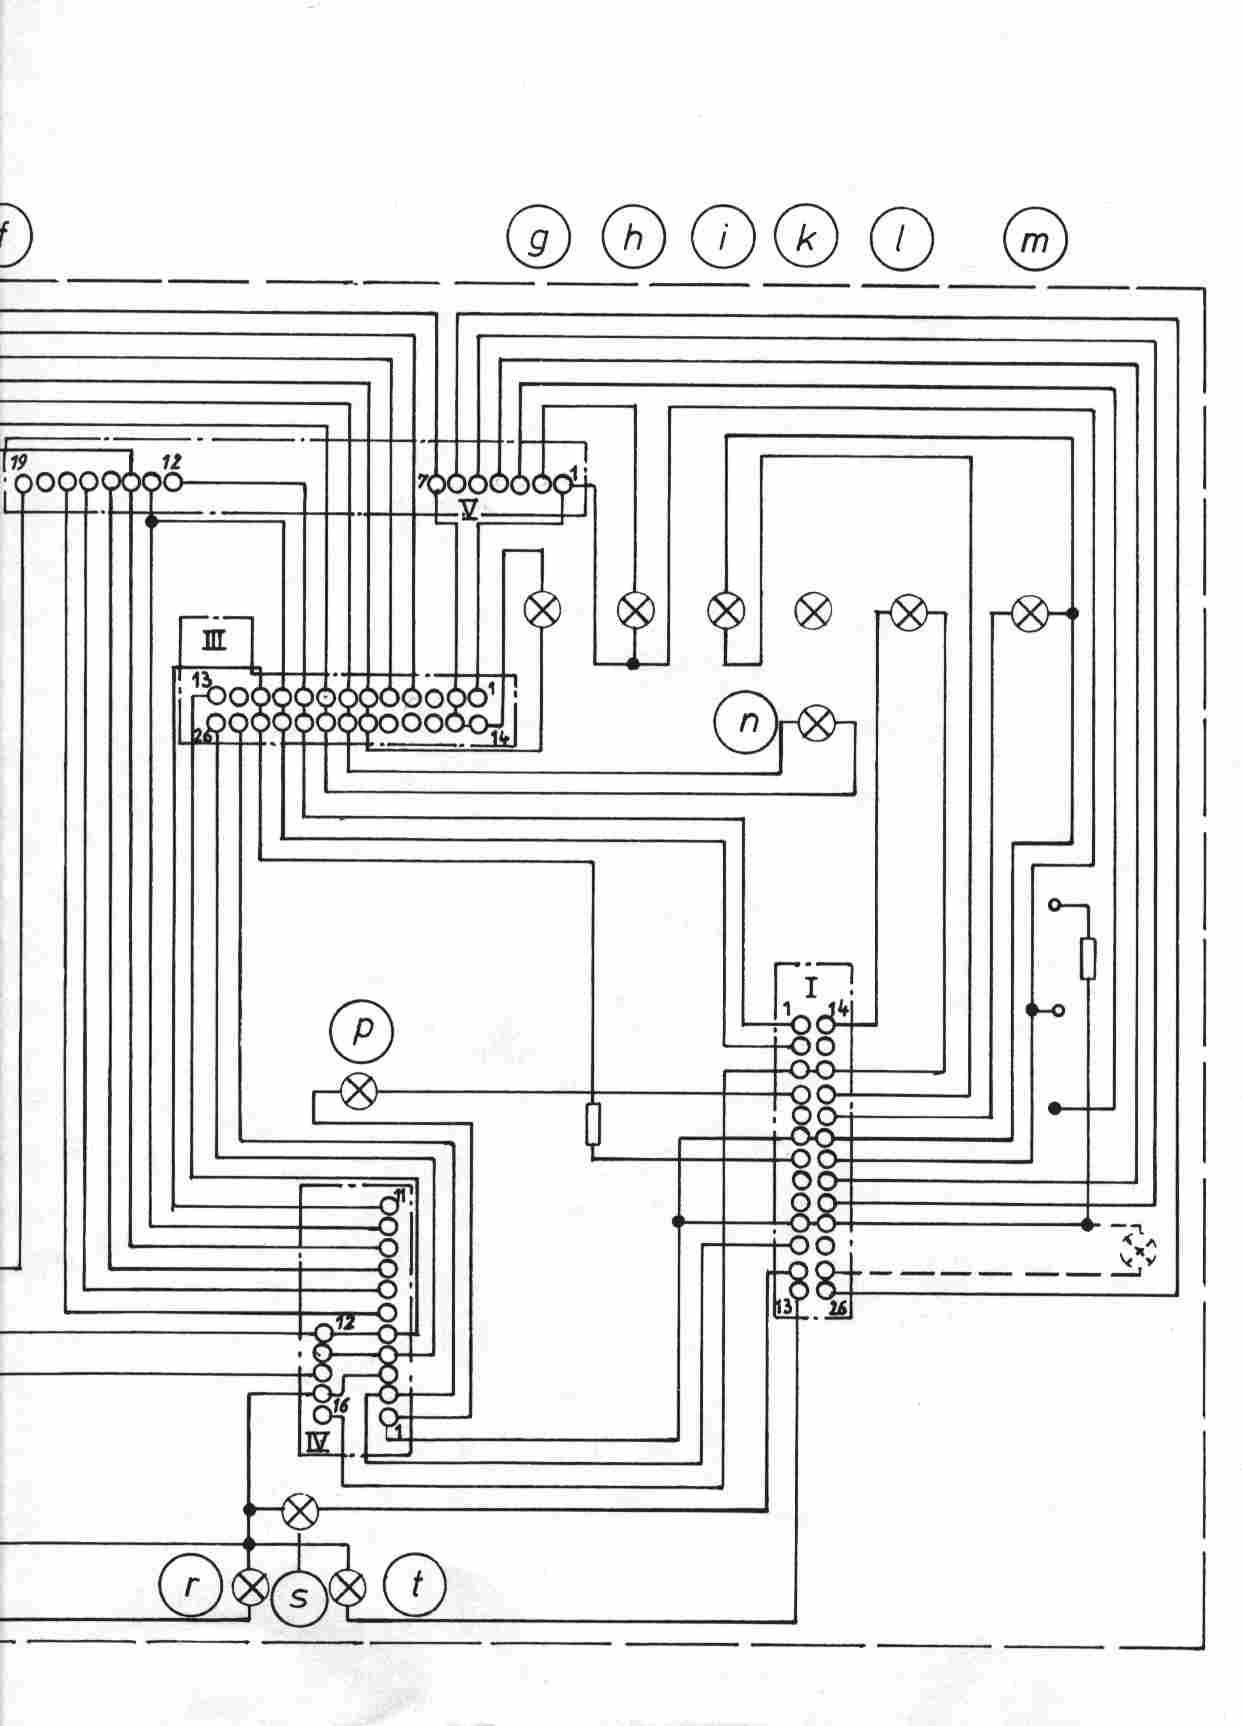 Groß 2002 Bmw E46 Schaltplan Ideen - Der Schaltplan - triangre.info